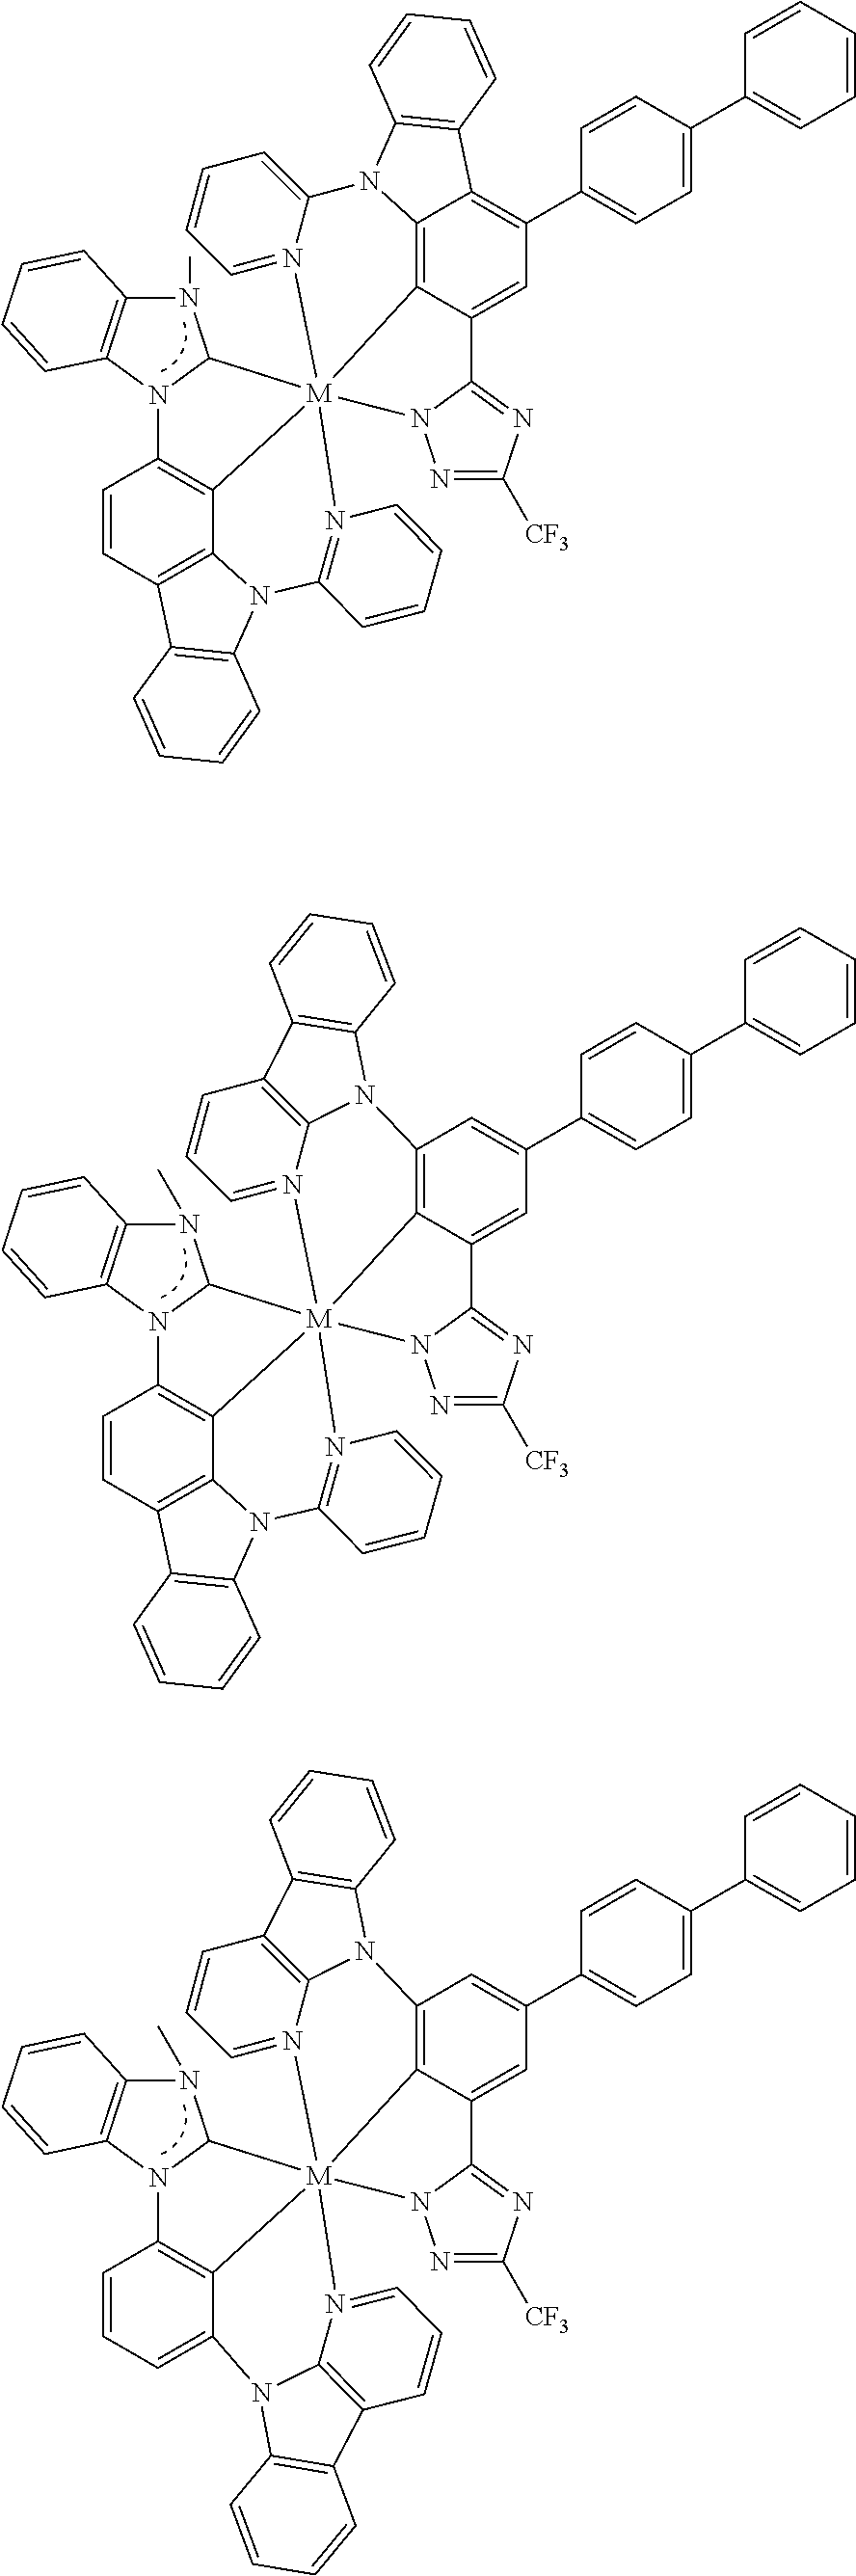 Figure US09818959-20171114-C00295